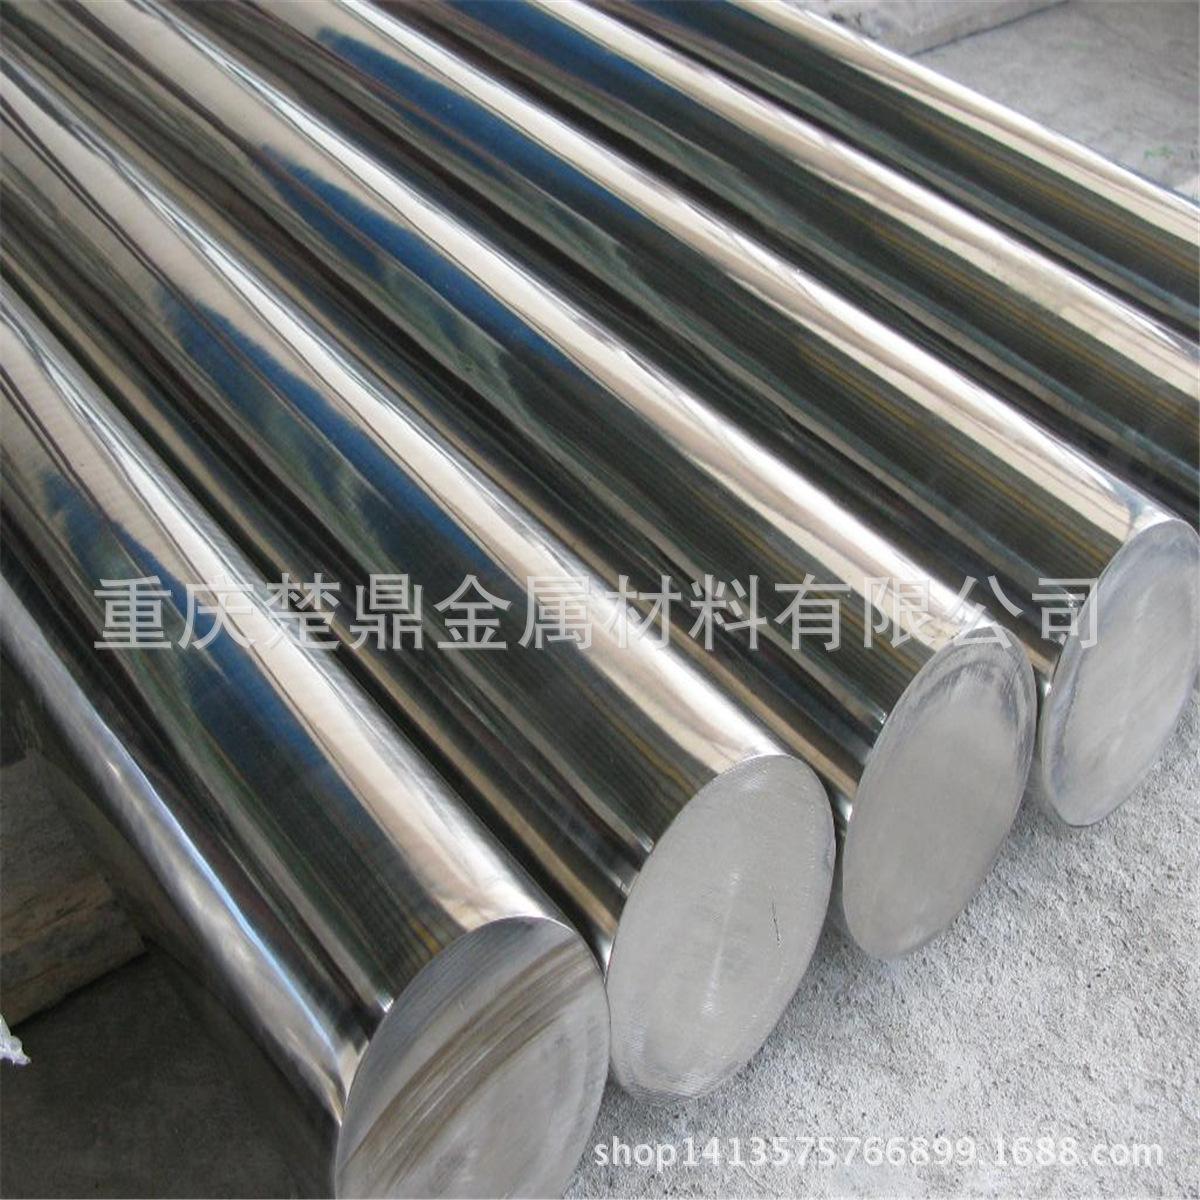 哪里不锈钢型材便宜???重庆不锈钢